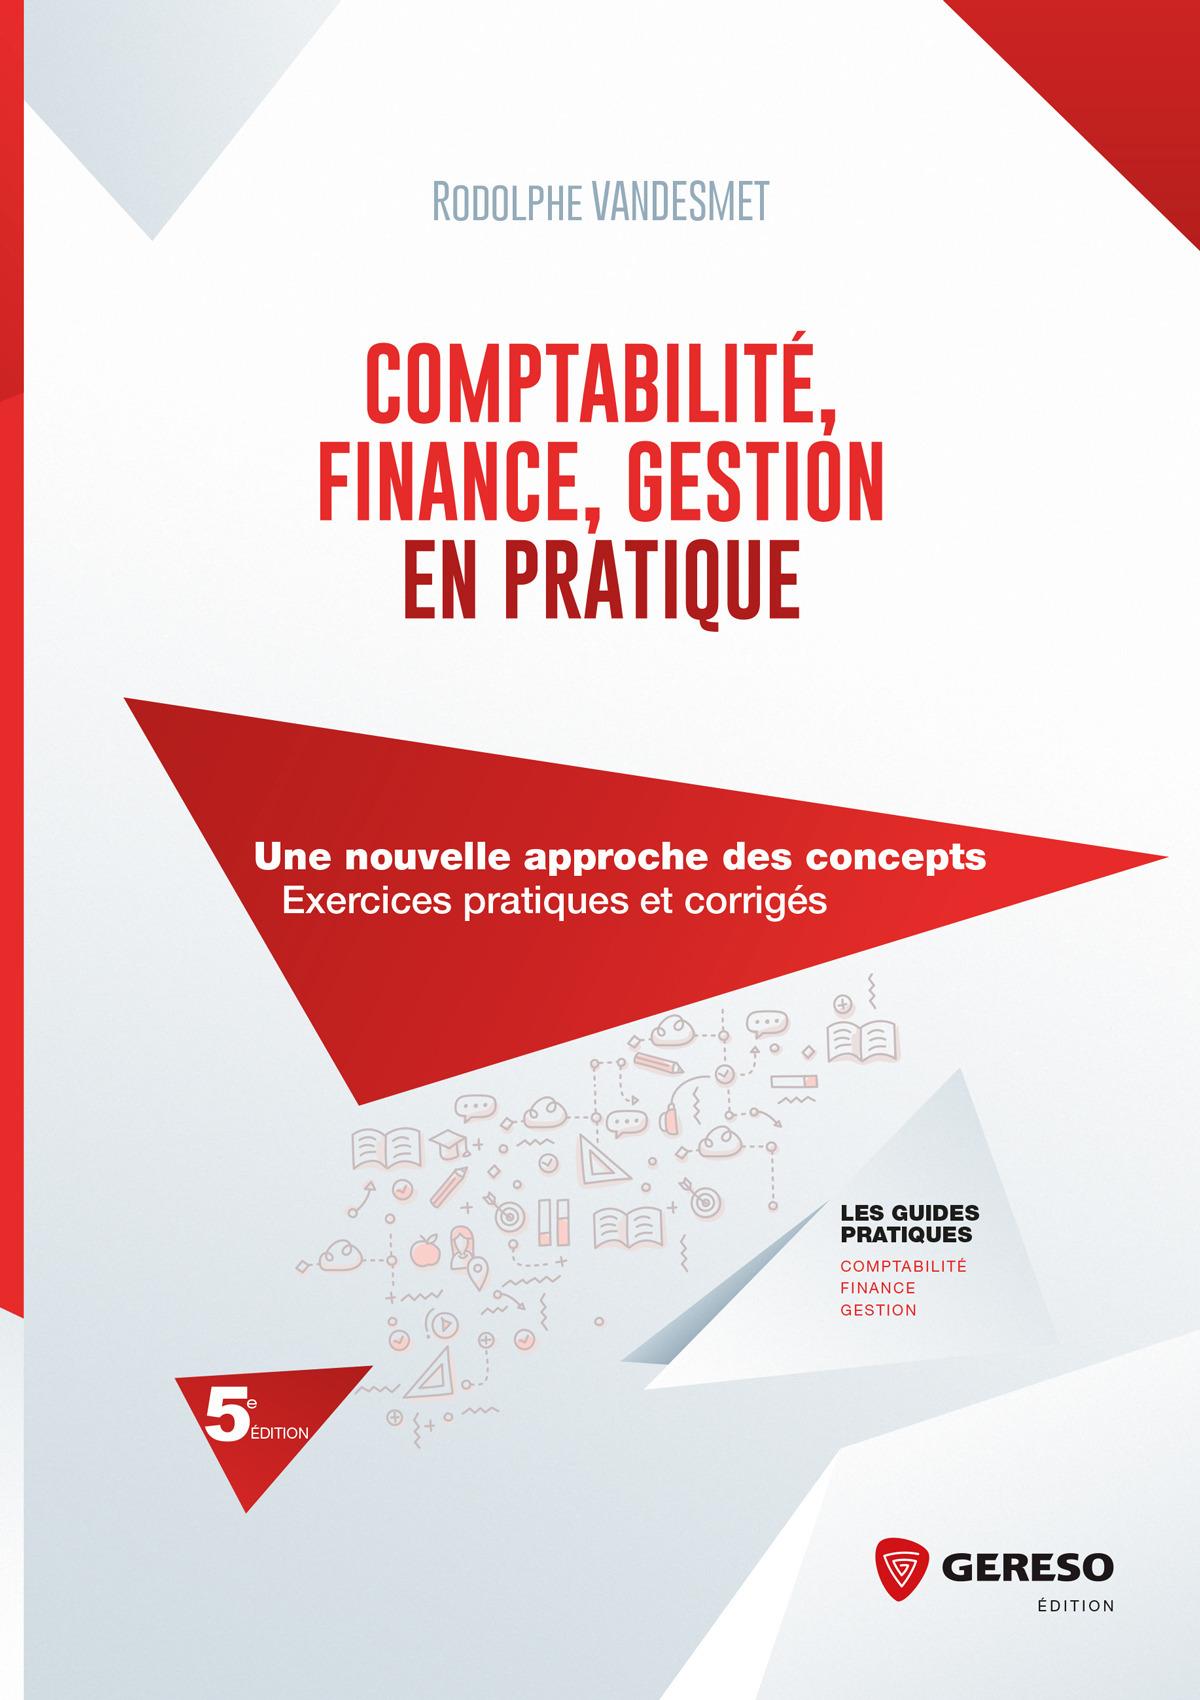 Comptabilite finance gestion en pratique - une nouvelle approche des concepts  exercices pratiques